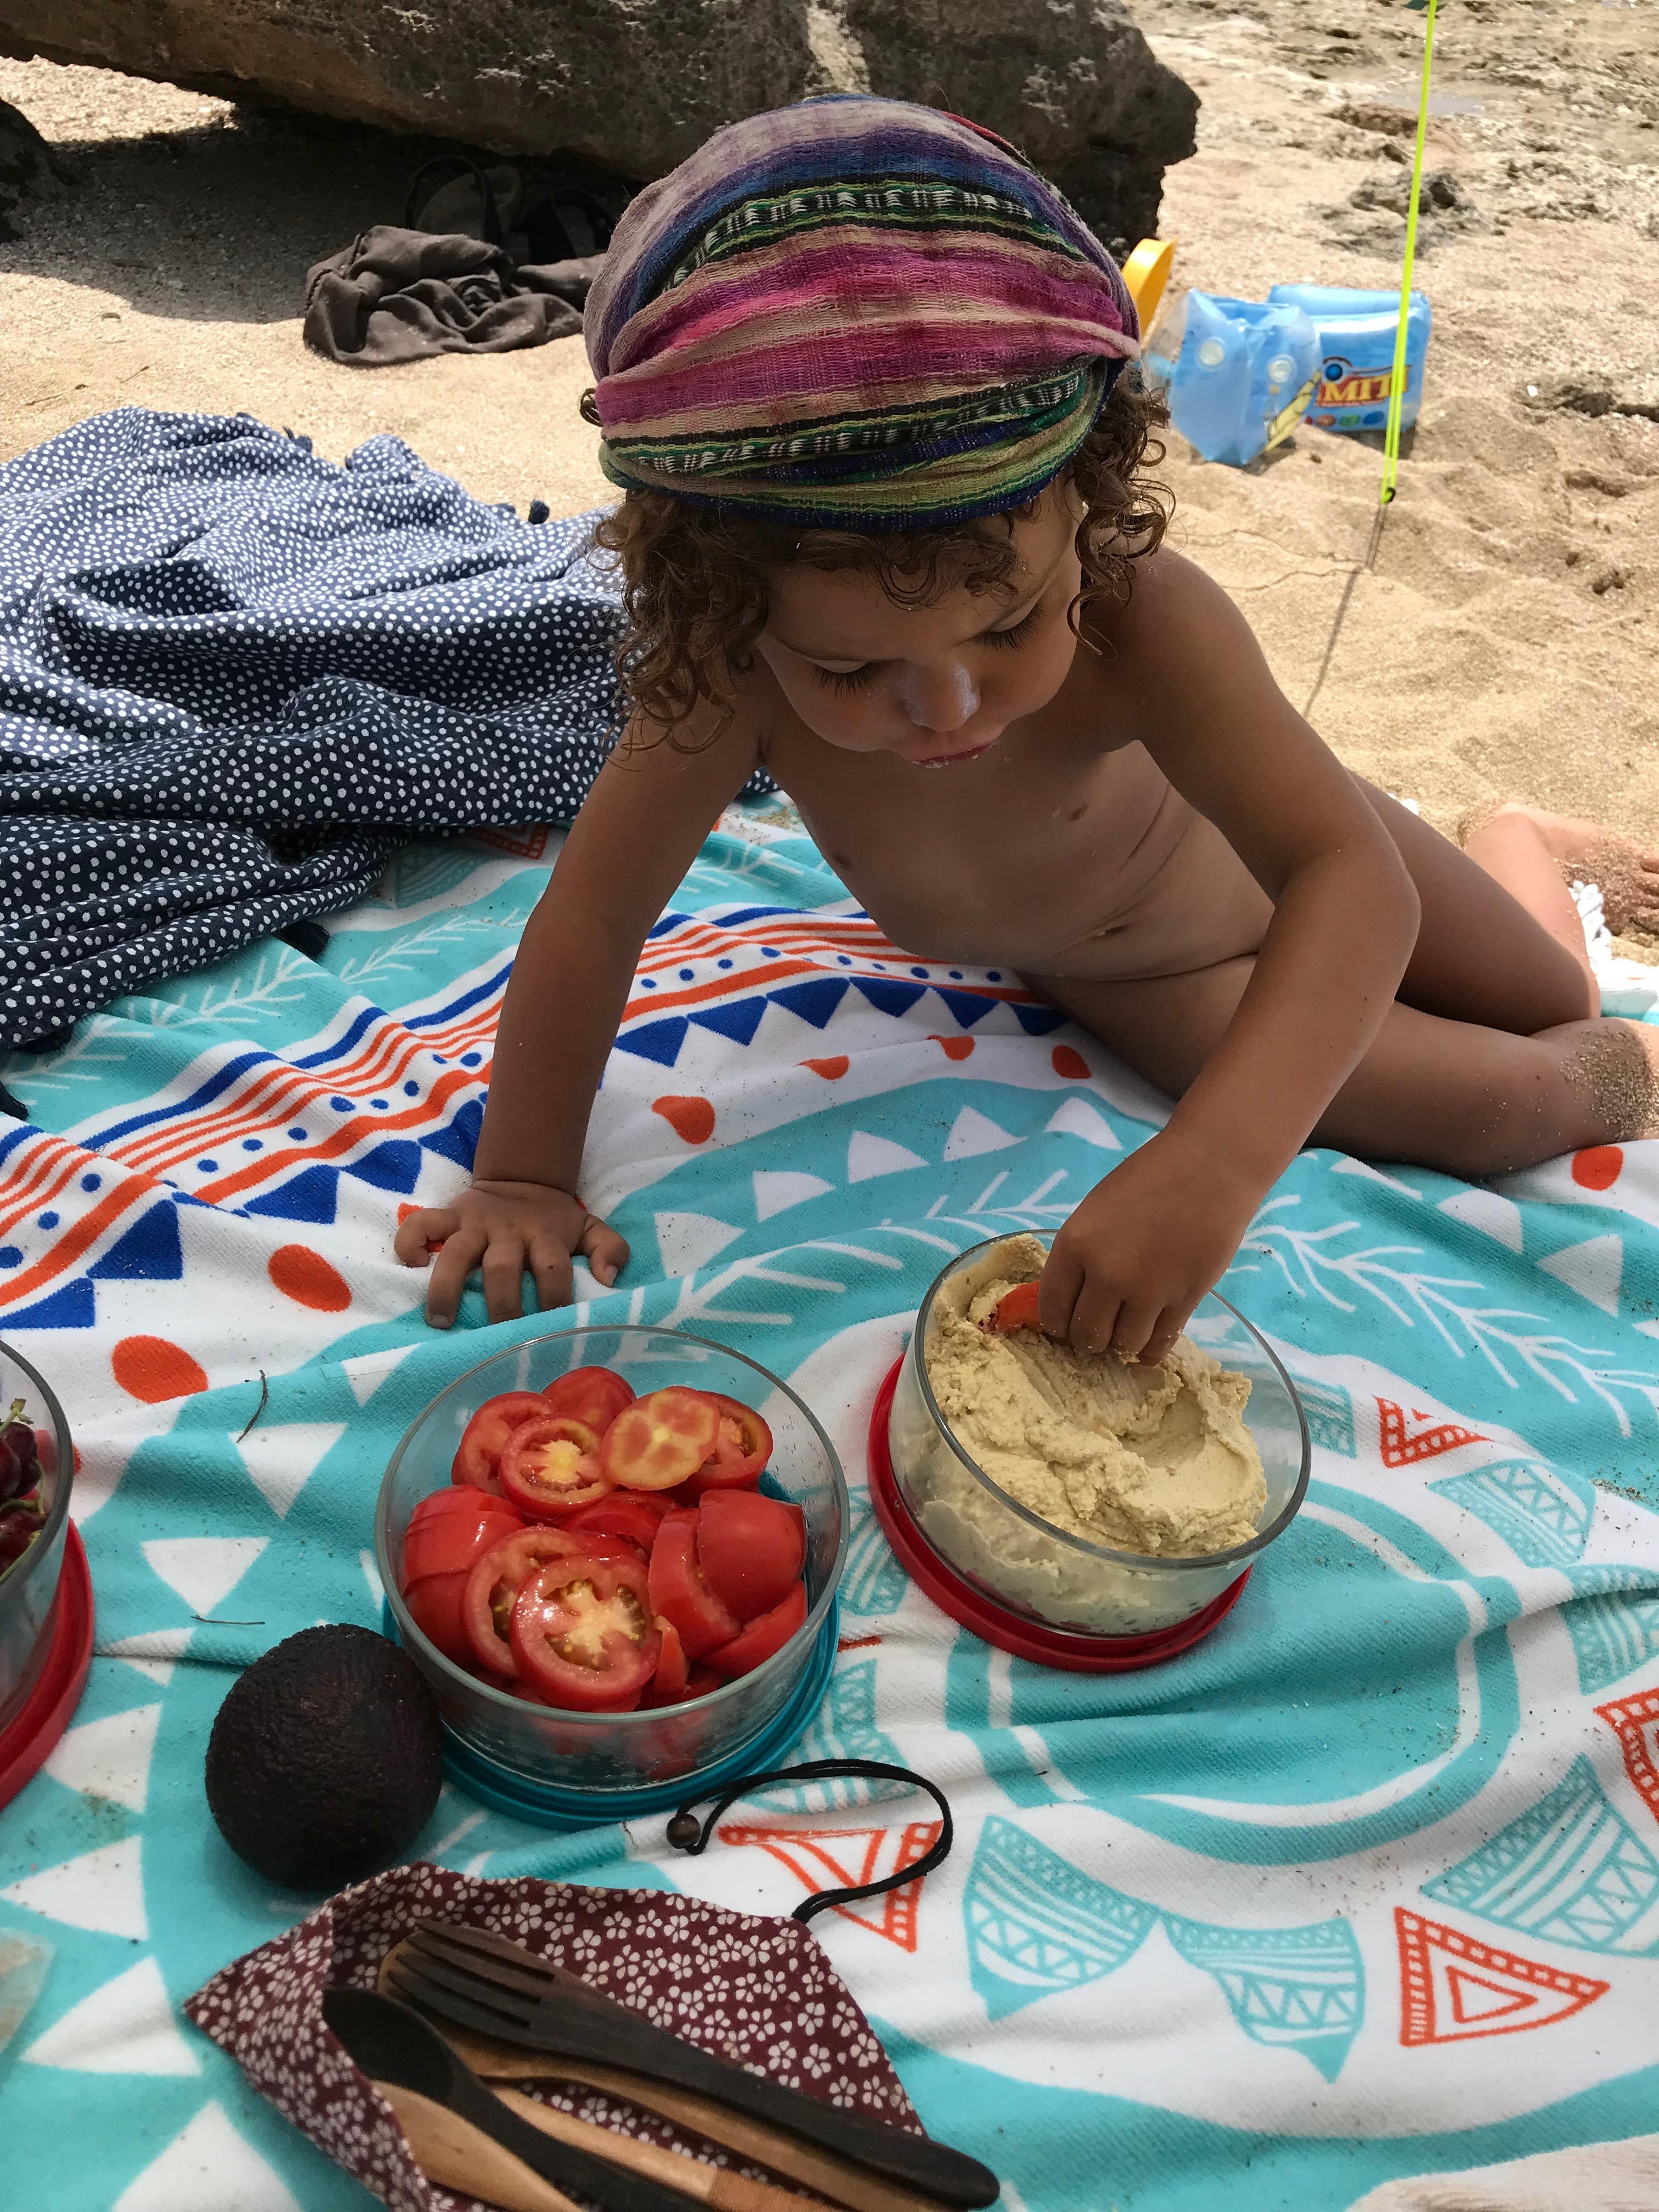 spiaggia, zero waste, cibo, plastic free, no plastica, ecologia, sostenibile, famiglia, bambini, genitori, vegan, mama rainbow, mare, libertà, natura, pic nic, idee